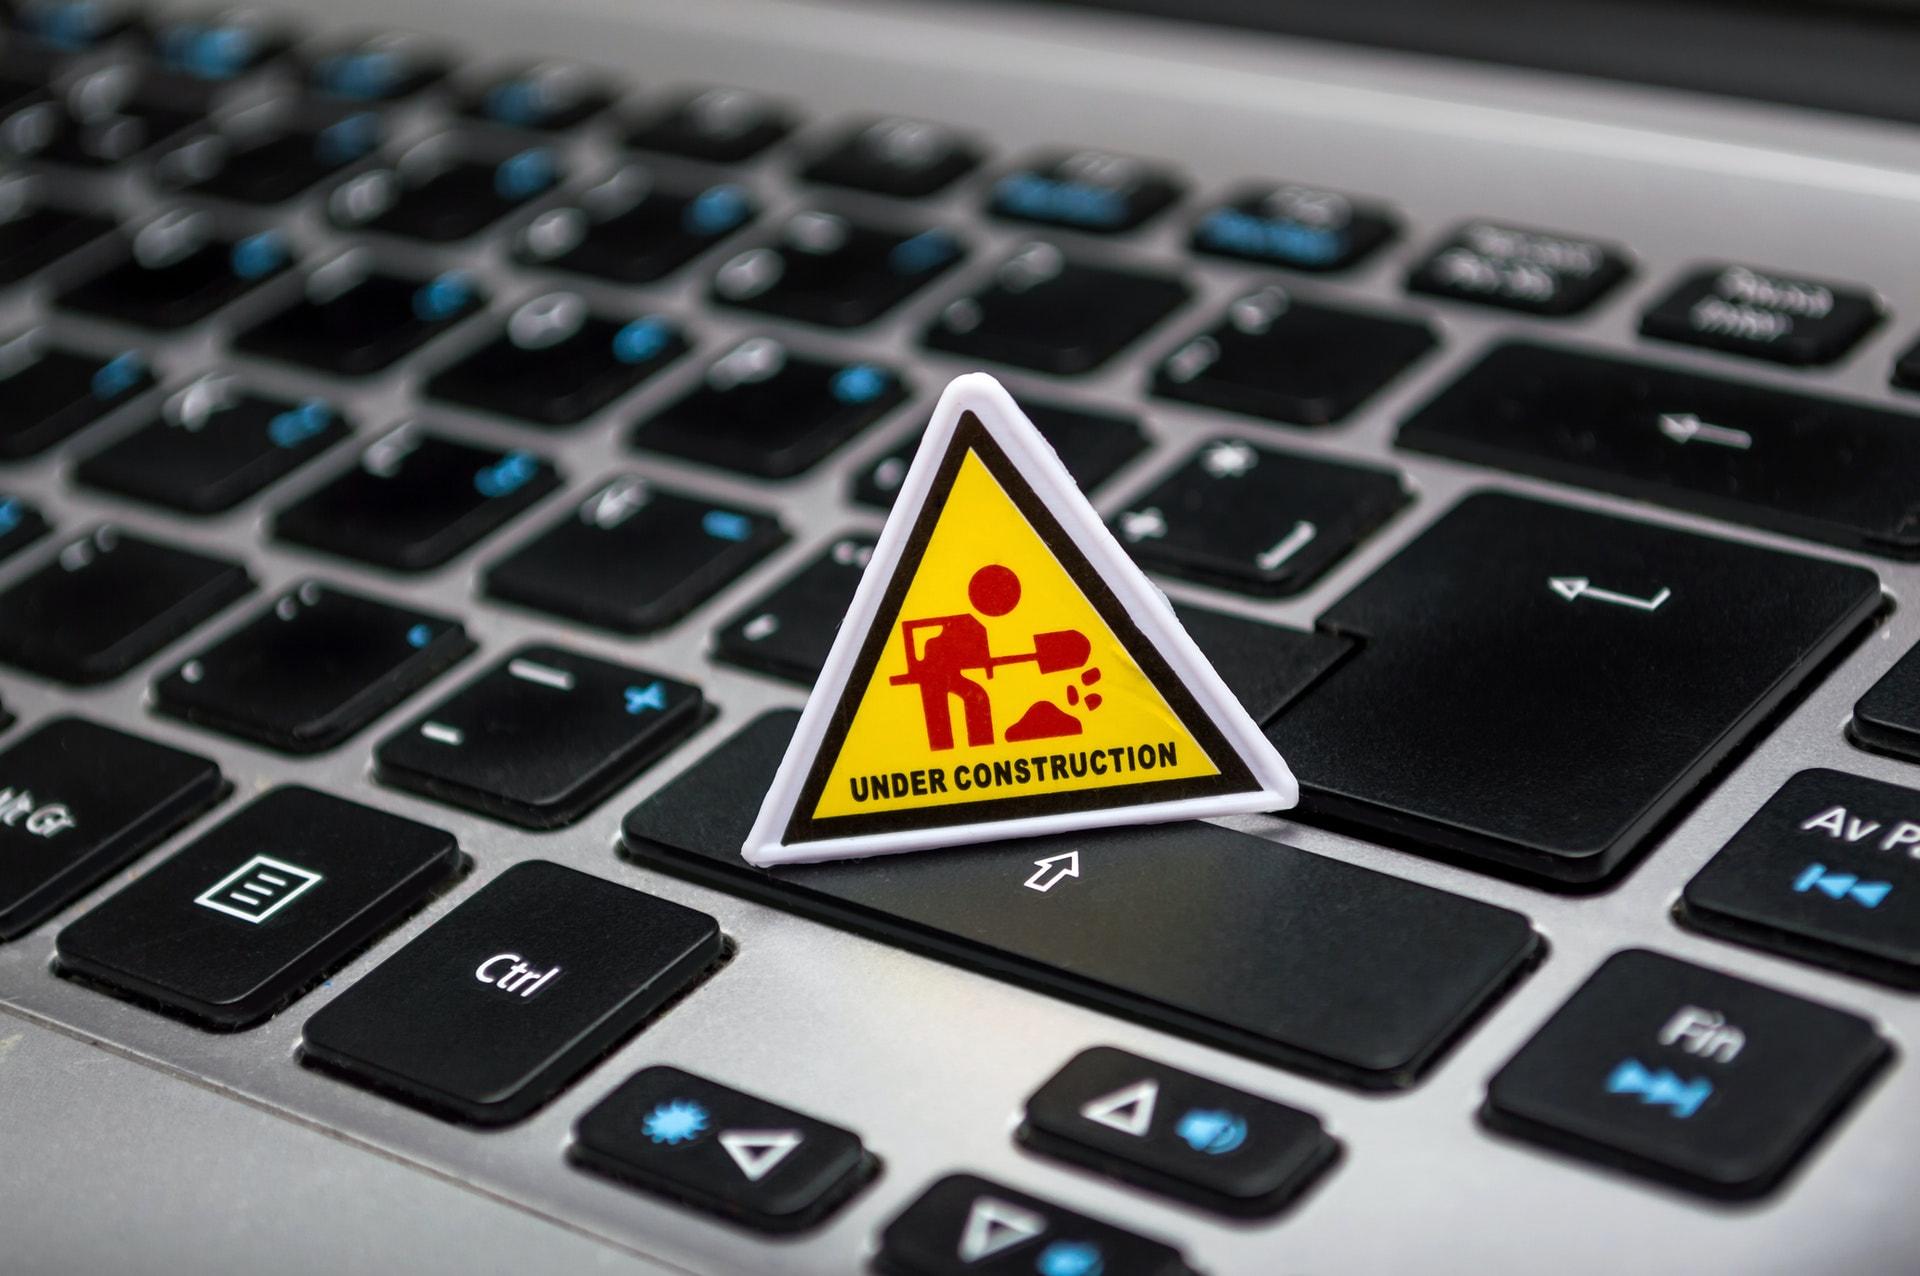 under-construction-signage-on-laptop-keyboard-211122